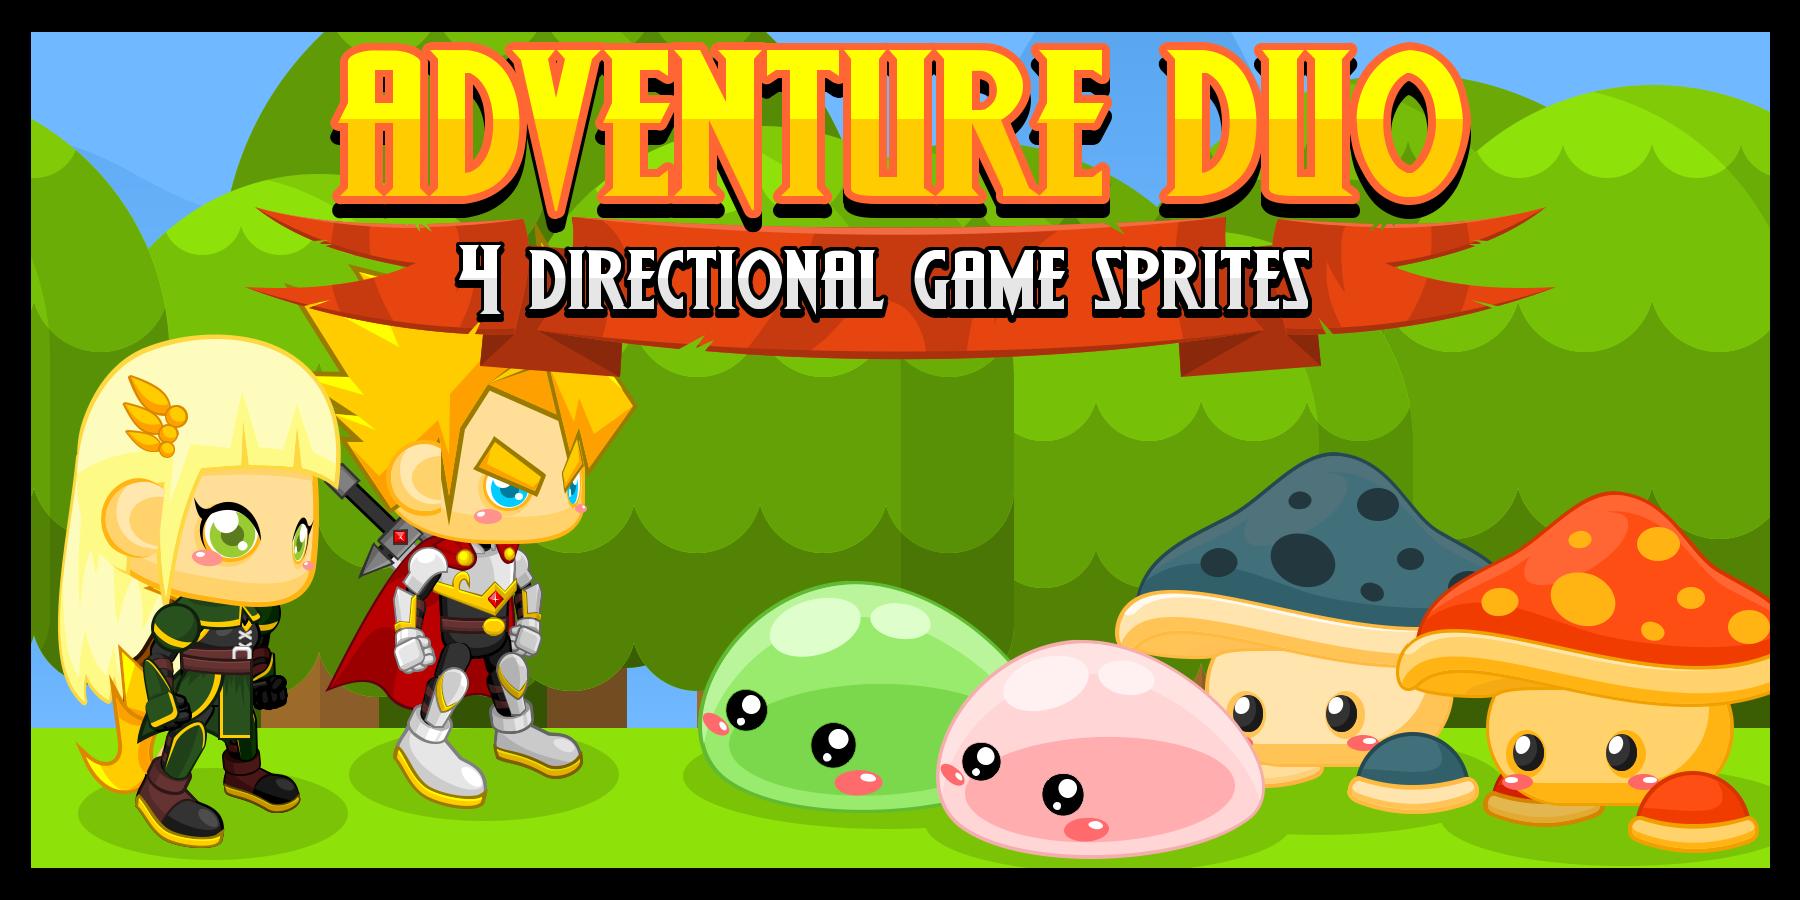 Adventure Duo - Game Sprites